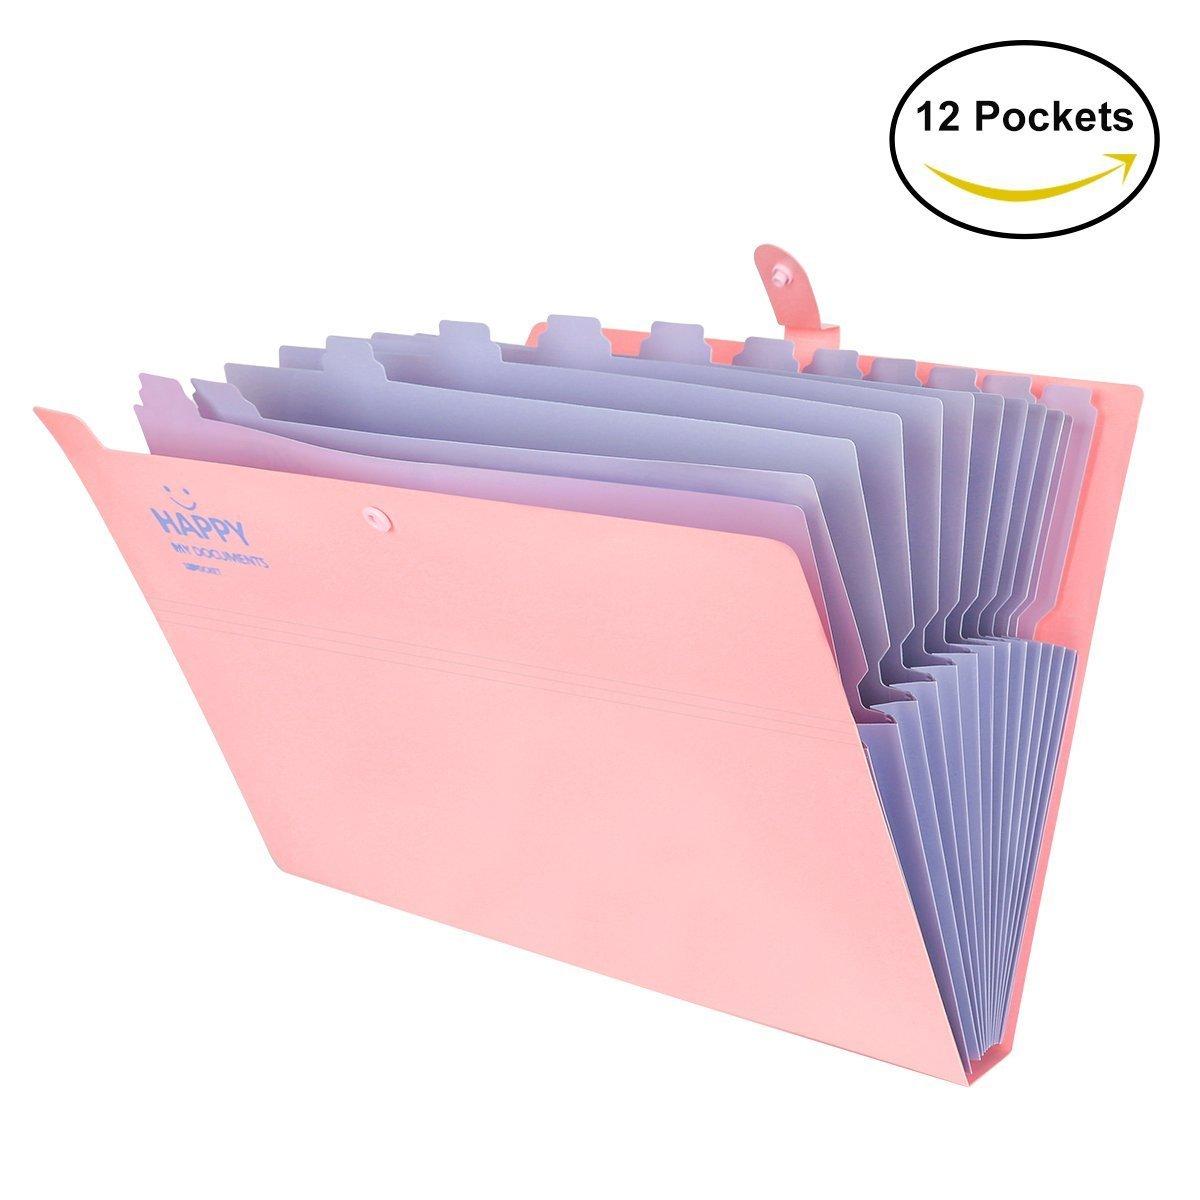 Trieur /à Soufflets Classeur Rangement A4 Documents Expanding File Folder Extensible Pocket Imperm/éable Organisateur de document File Organizer avec 5 Compartiments pour bureau,maison,/école,voyage